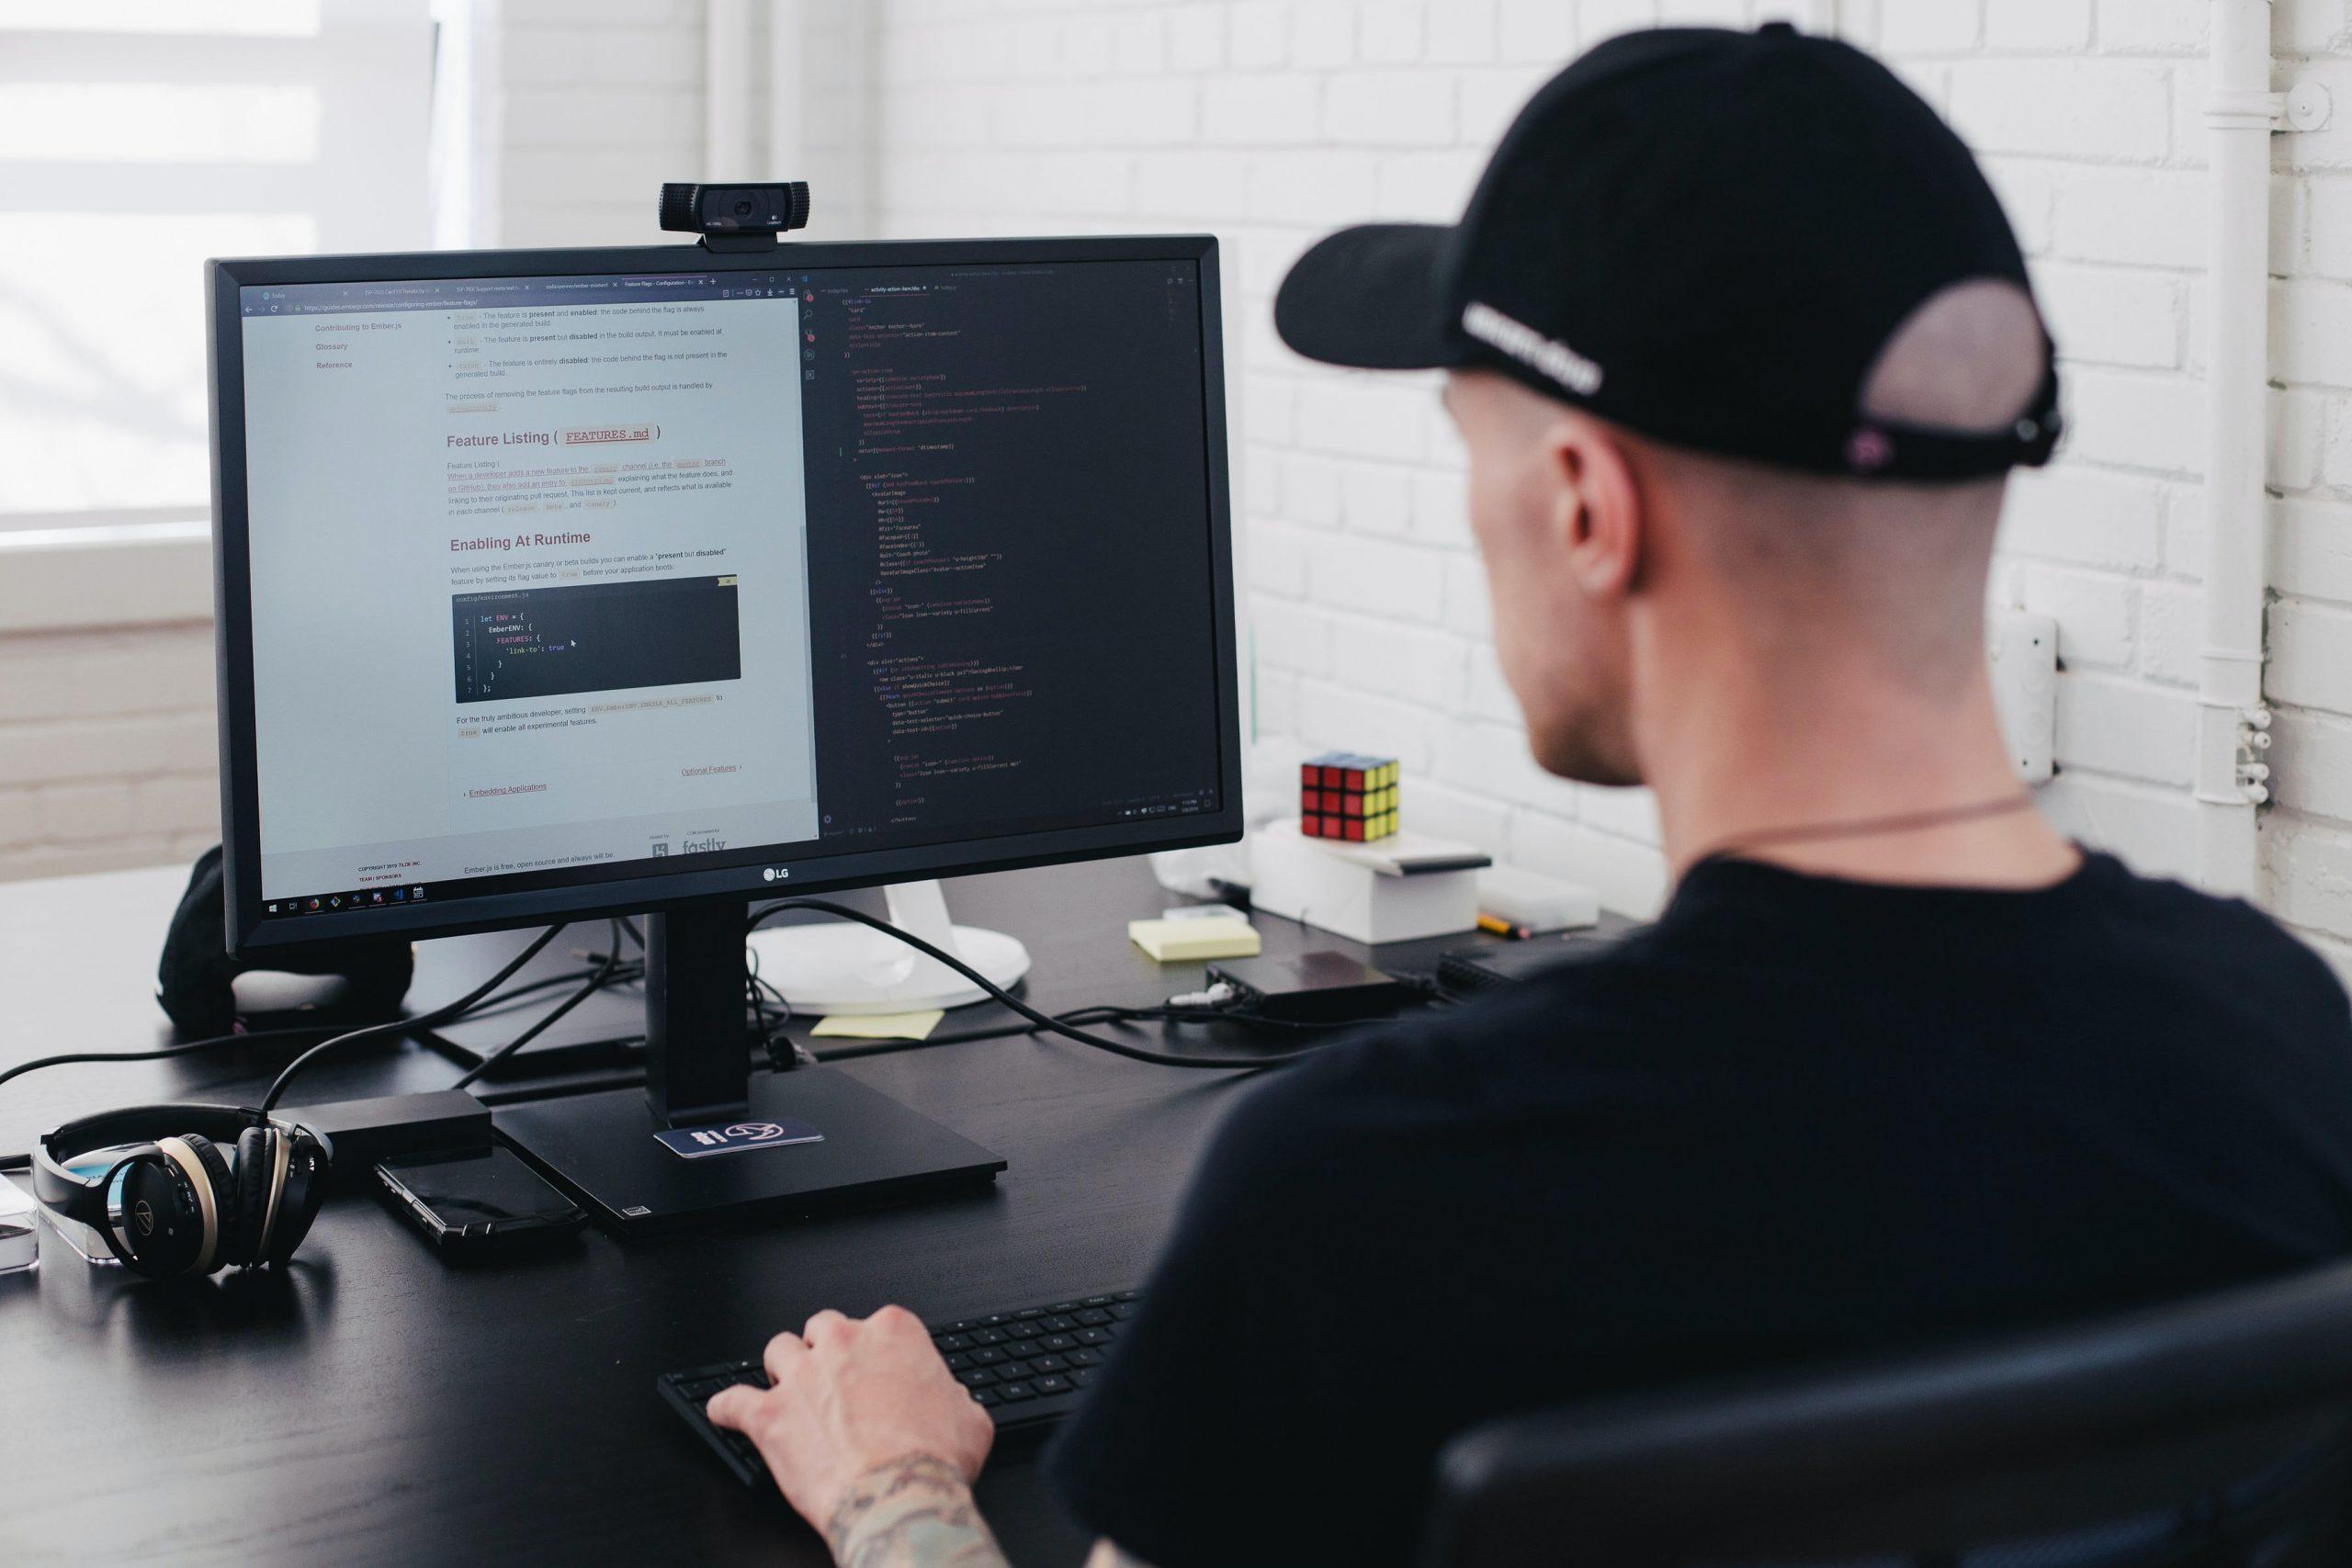 Hombre trabajando en computadora con monitor HP